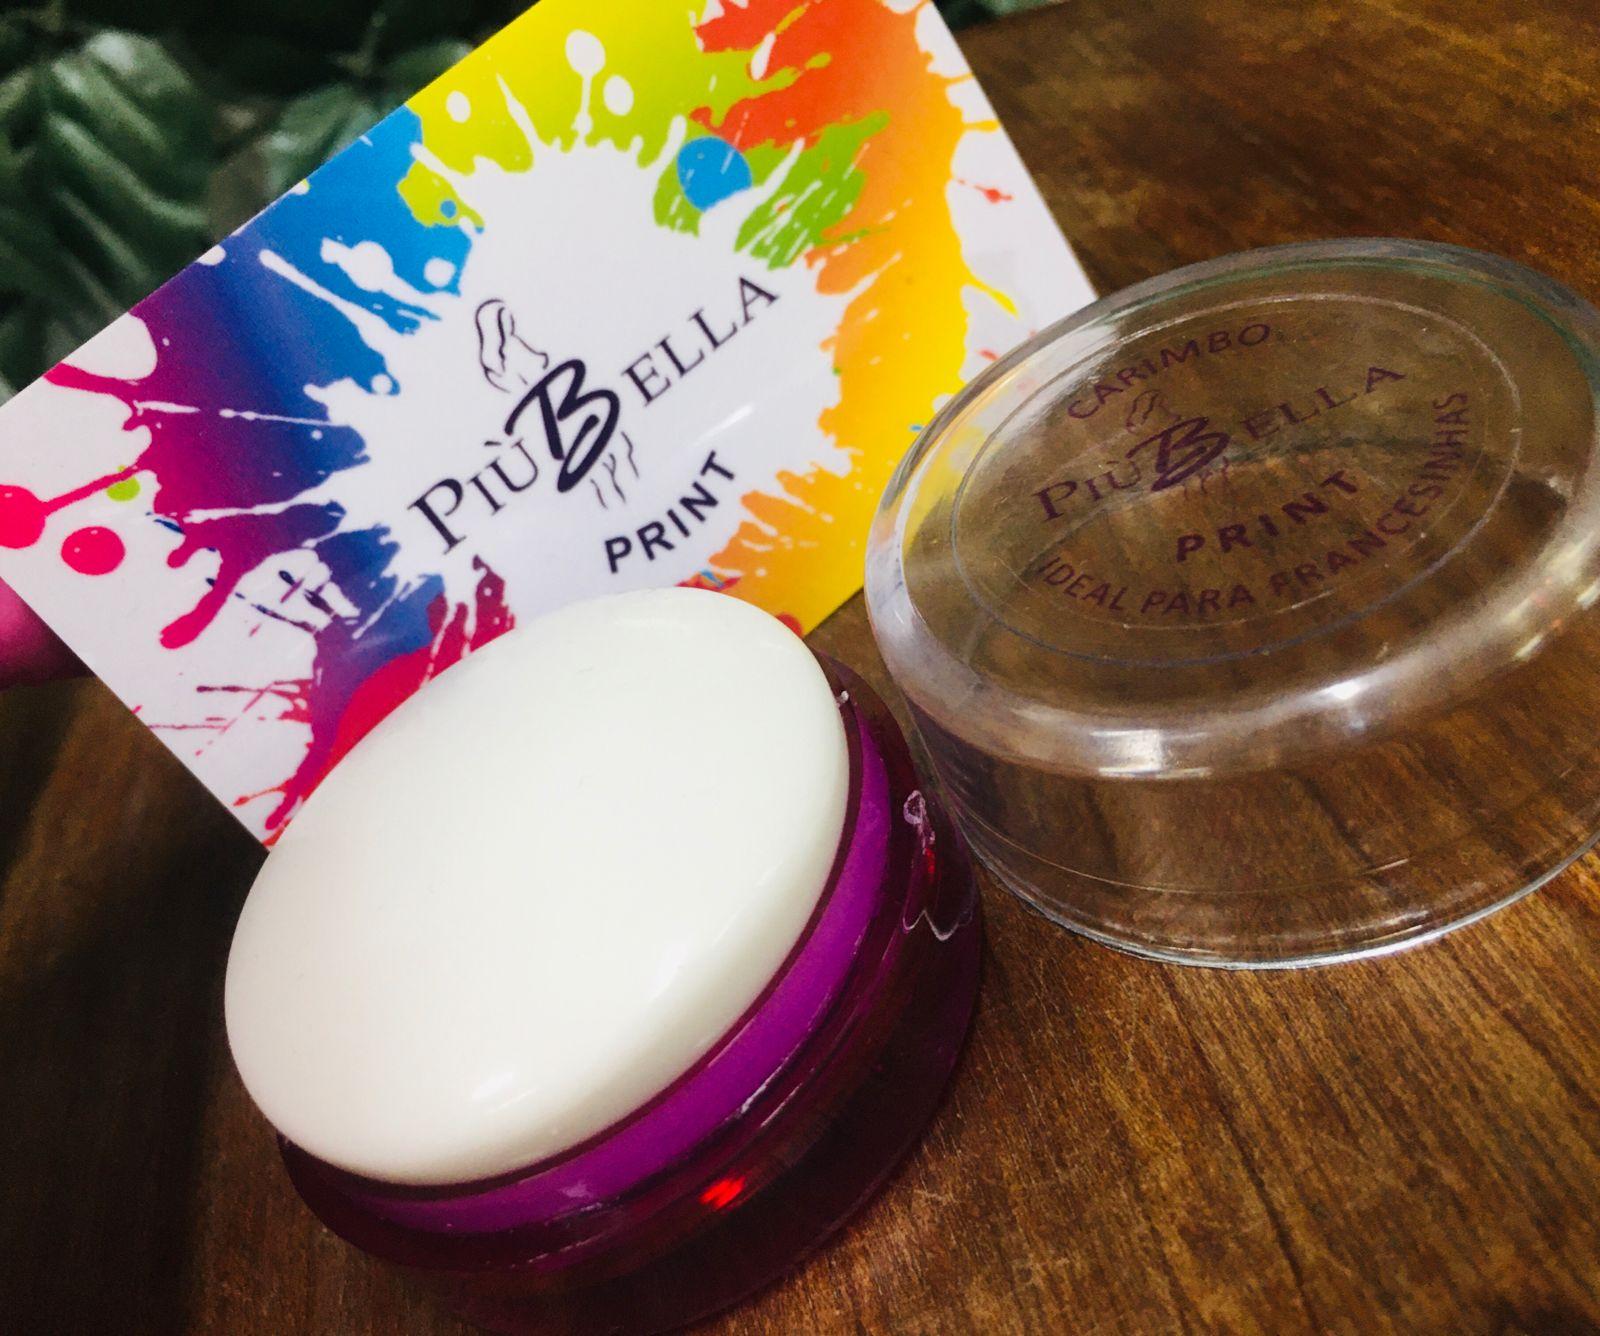 Novo Carimbo de Silicone leitoso para francesinha - PIU BELLA - Lançamento carimbo para unhas  - Sílvia Pedrarias & Cia